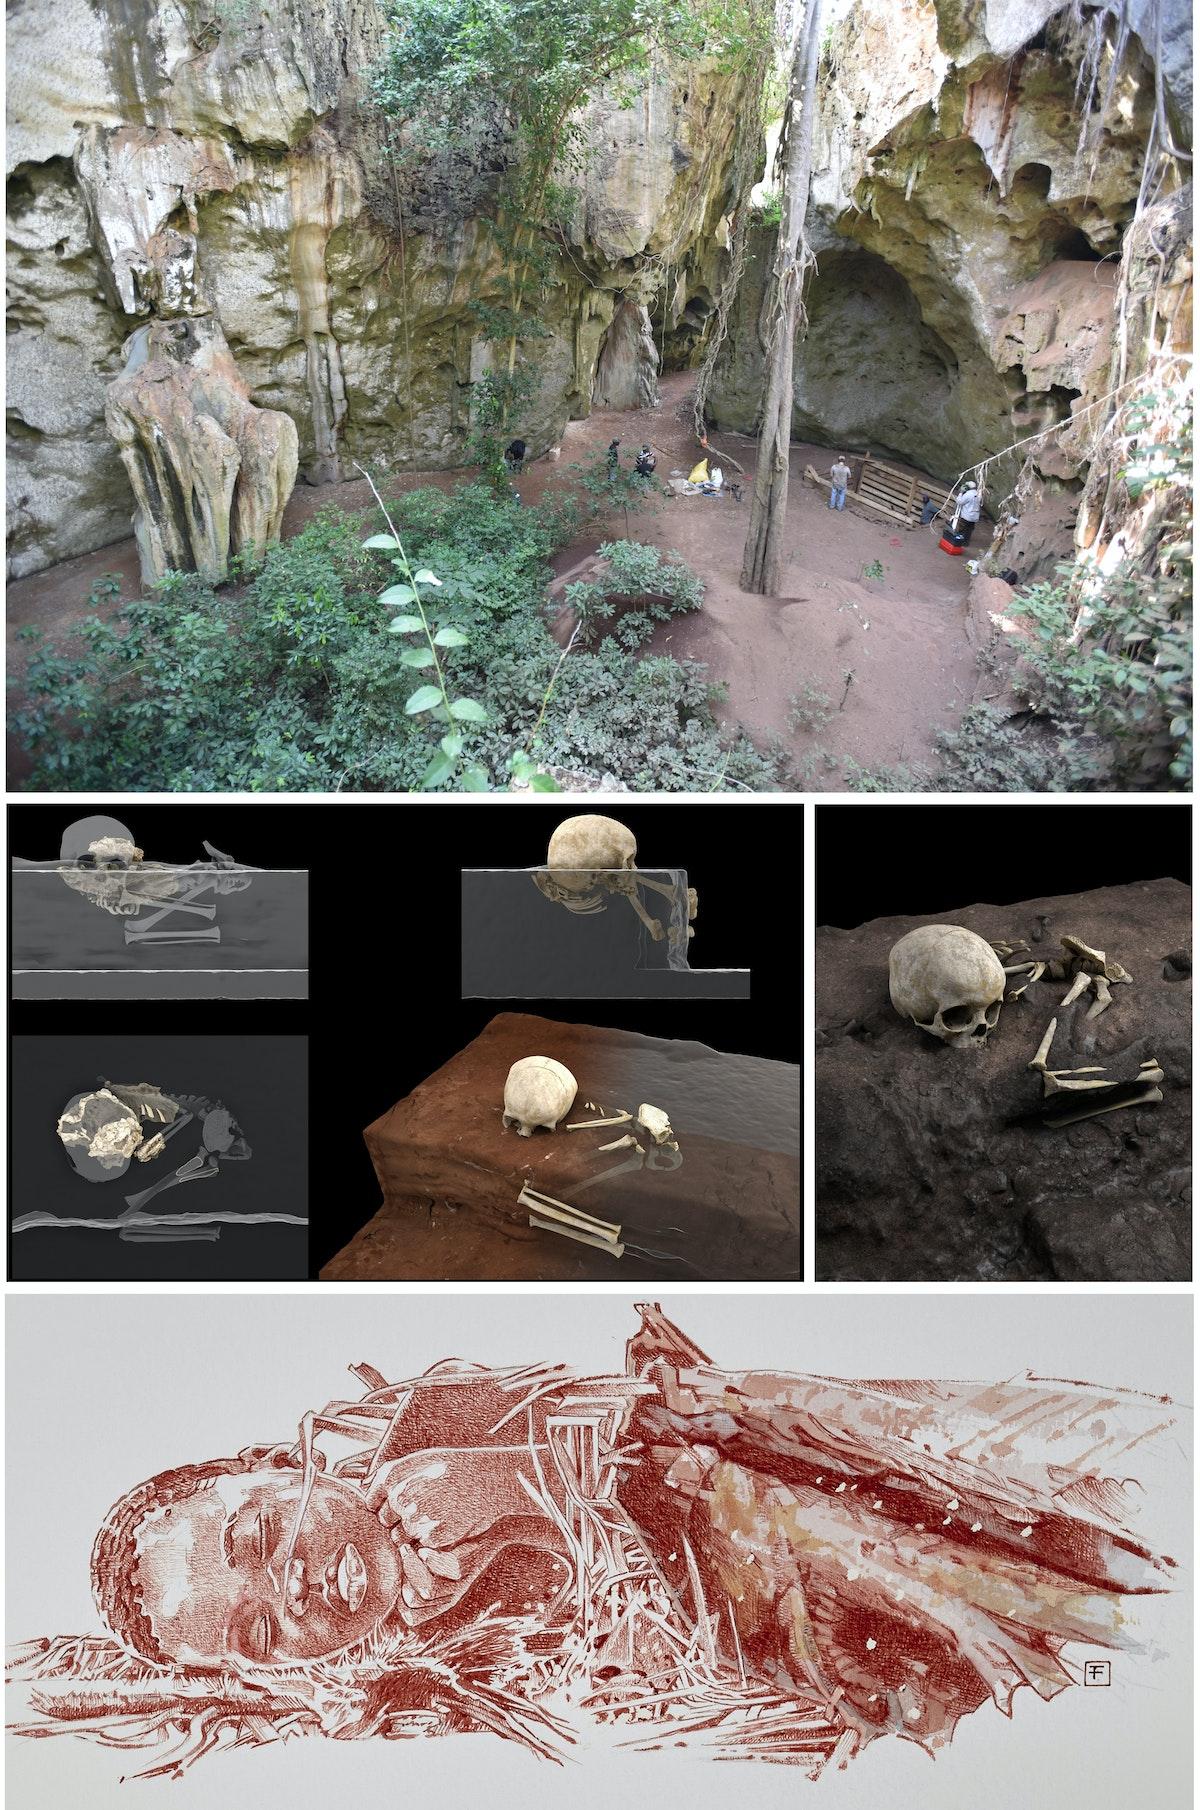 العثور على أقدم موقع دفن بشري في إفريقيا على بعد 50 كيلومتراً شمال مومباسا في كينيا - Mohammad Javad Shoaee / Jorge González / Elena Santos / F. Fuego / MaxPlanck Institute / CENIEH